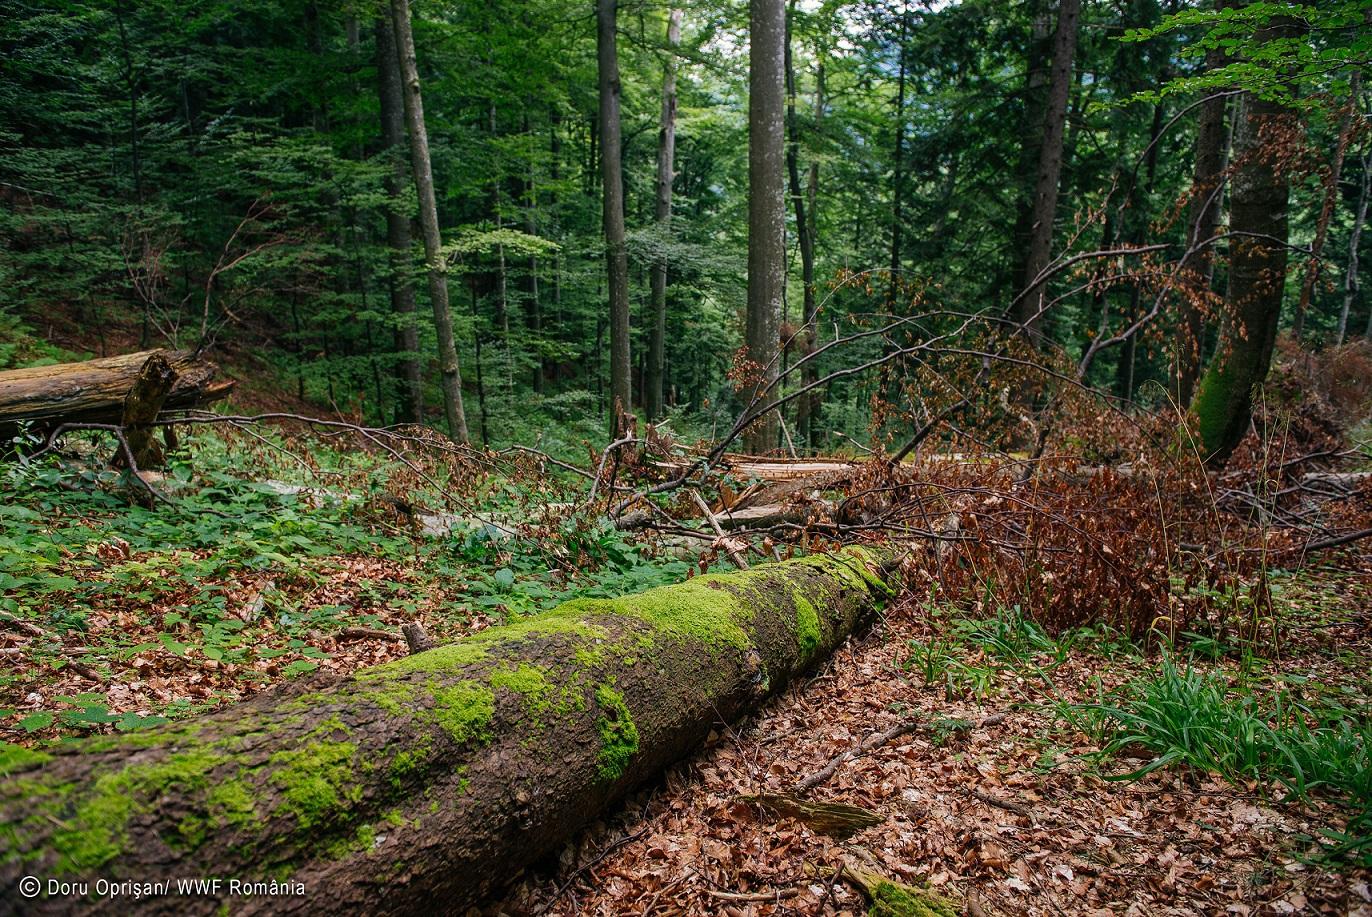 Ministerului Apelor şi Pădurilor: 329 de arbori din judeţul Suceava au fost injectaţi cu substanţe care au dus la uscarea lor